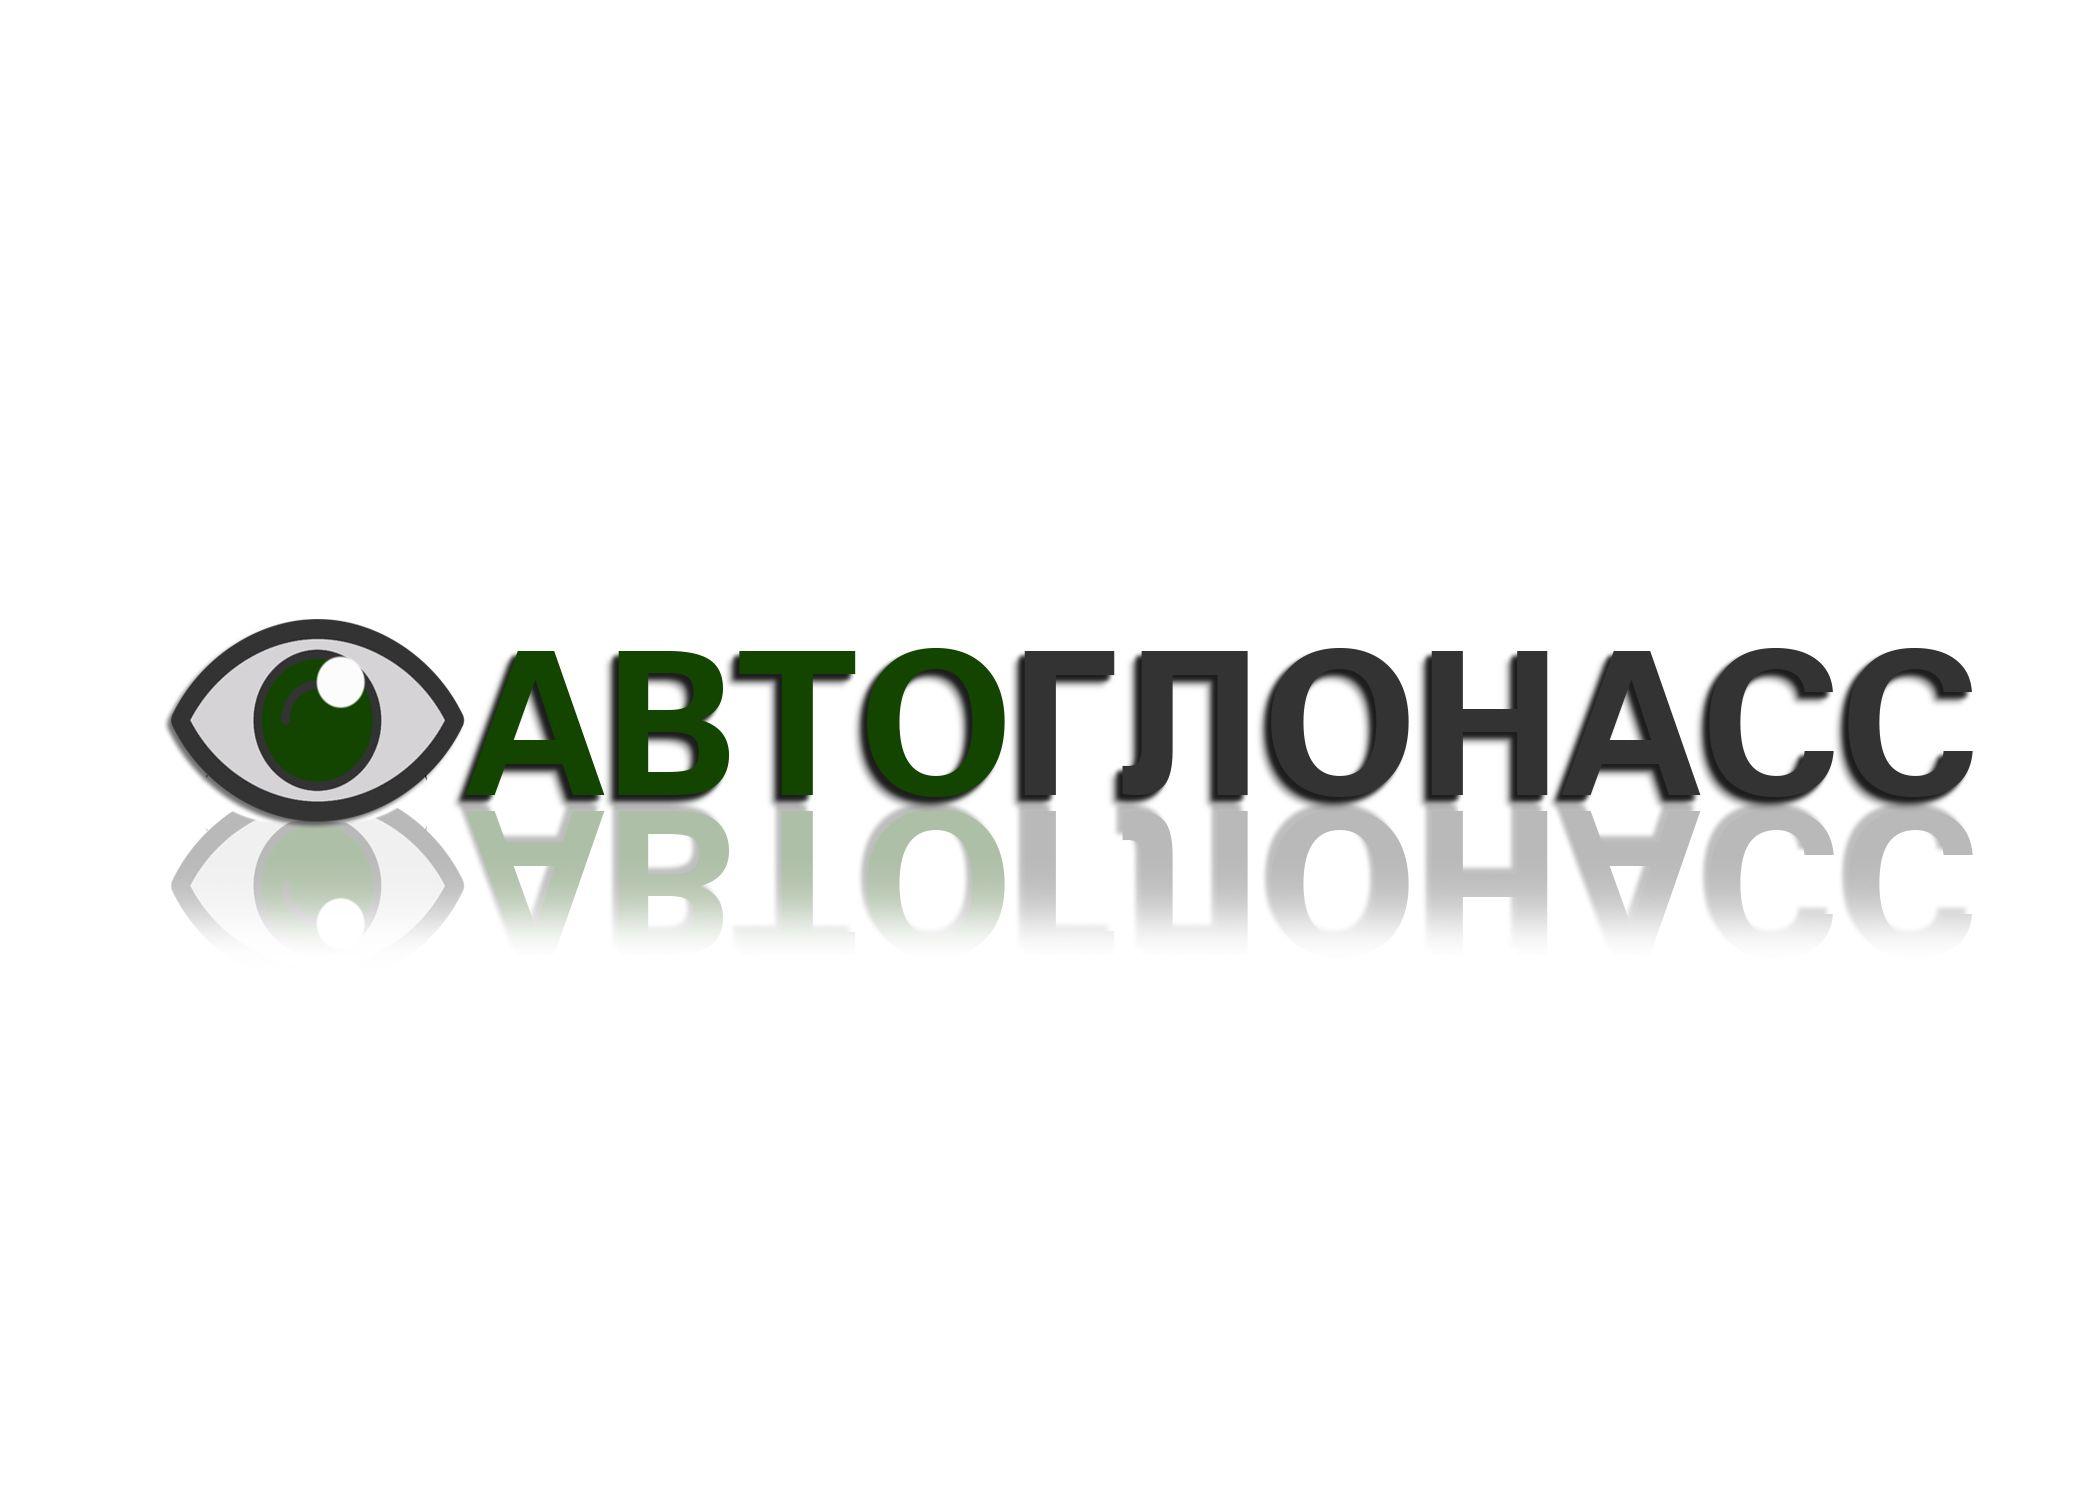 Логотип и фирменный стиль проекта АвтоГЛОНАСС - дизайнер dreamveer